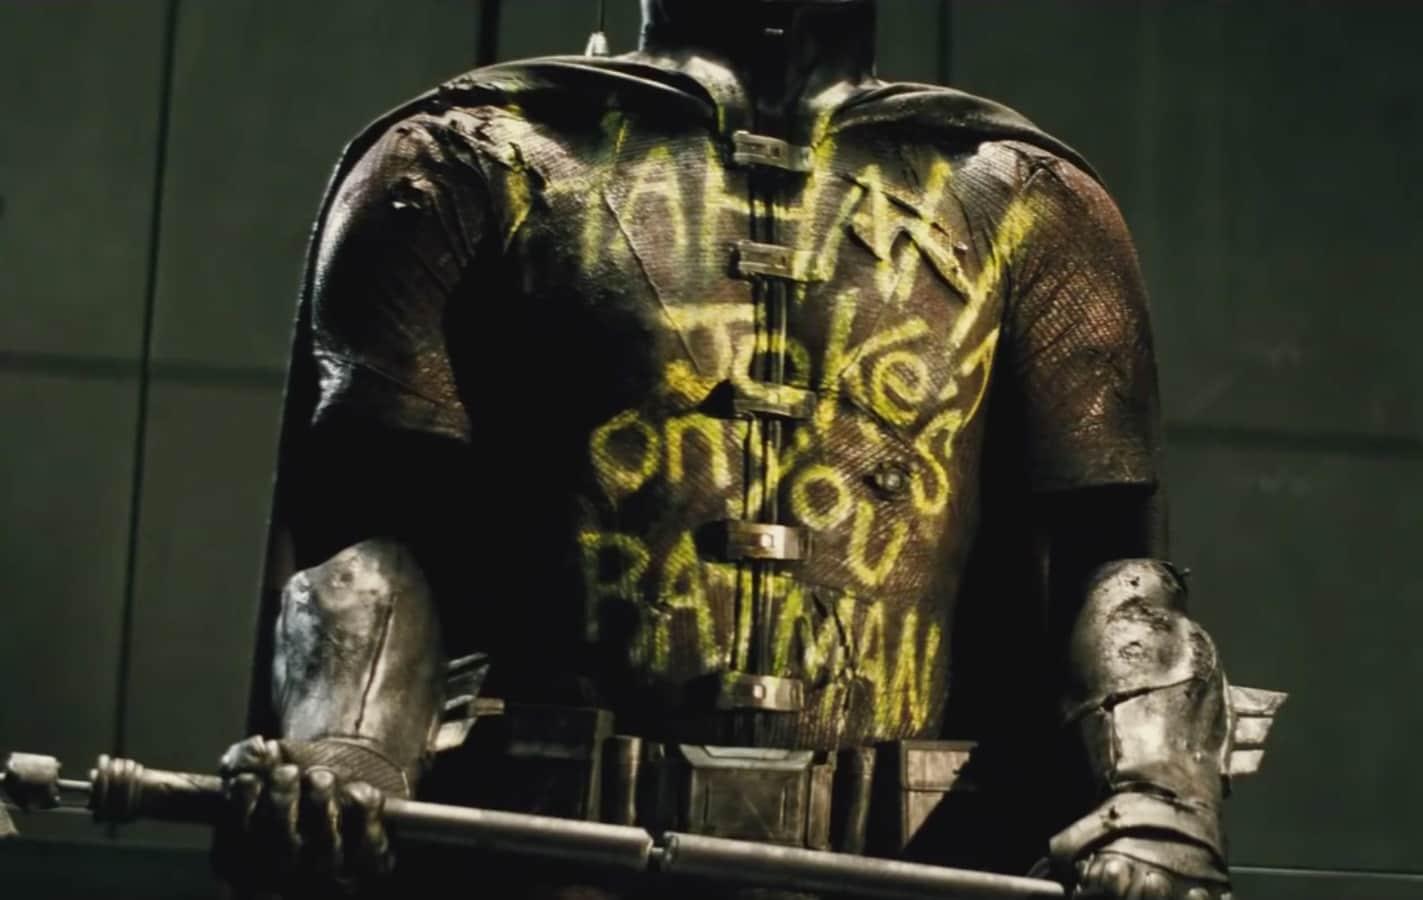 batman v superman robin ha ha jokes on you batman batman v superman robin ha ha jokes on you batman